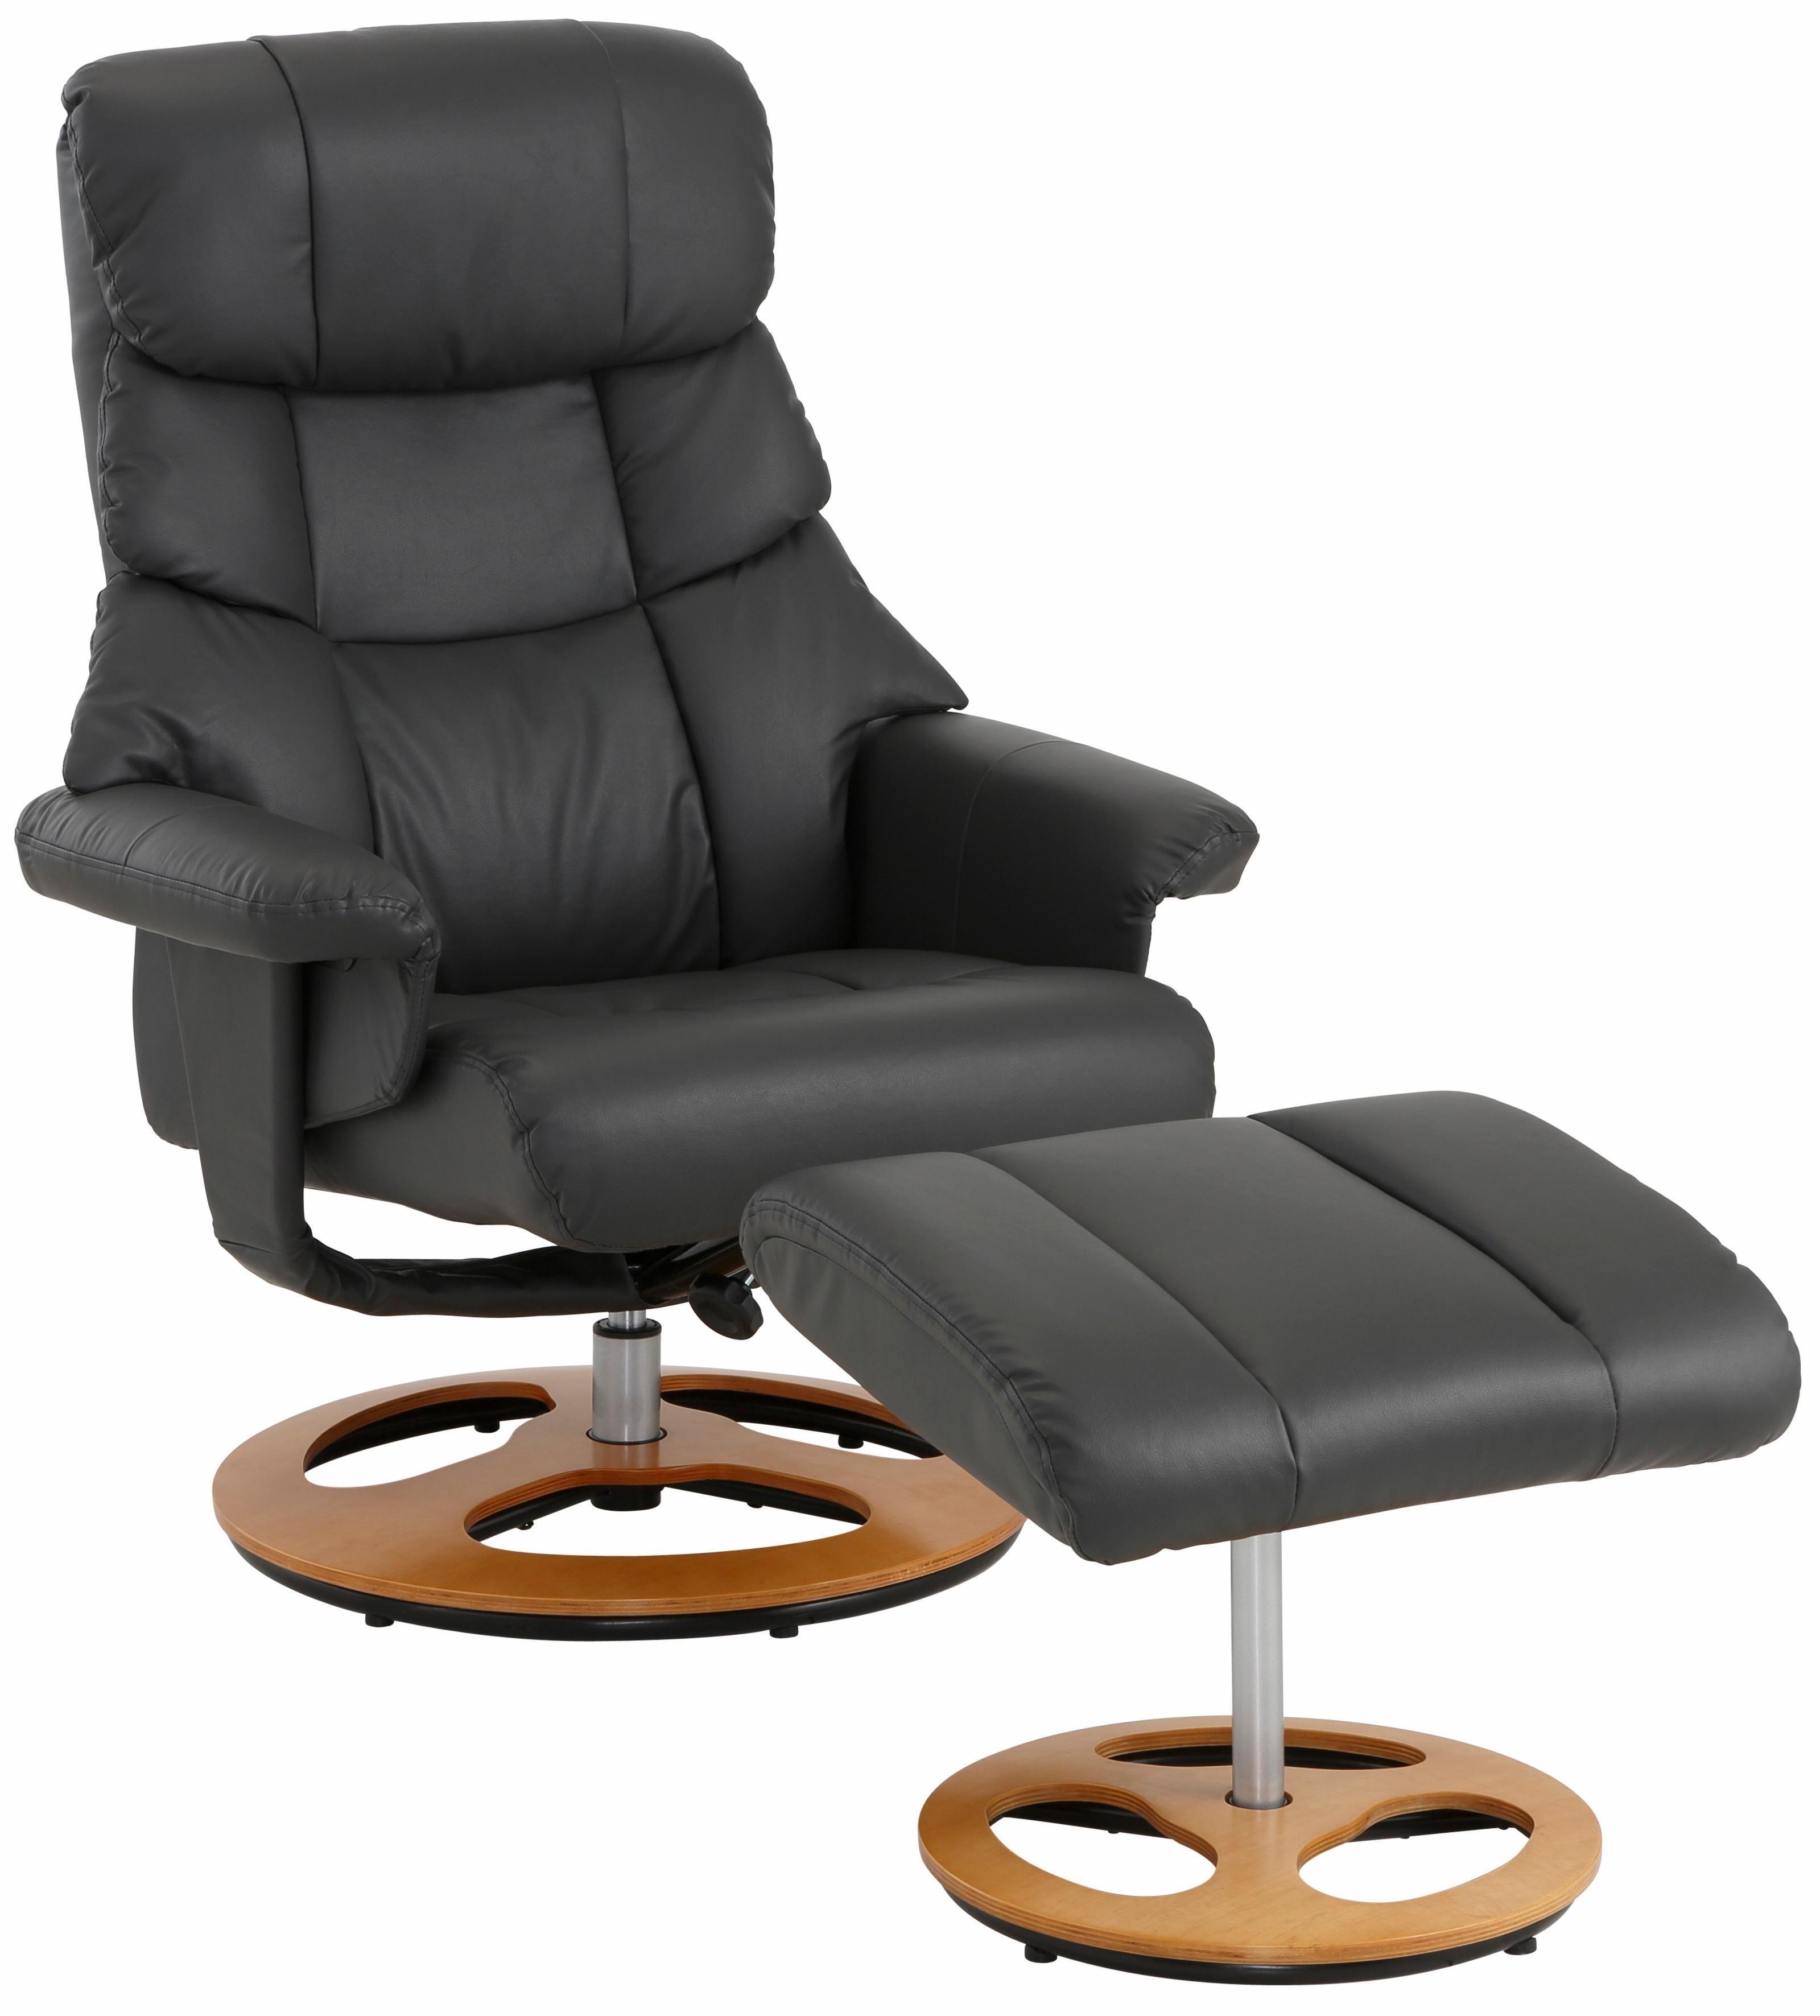 fauteuils kopen kies uit meer dan 400 comfortabele fauteuils otto. Black Bedroom Furniture Sets. Home Design Ideas